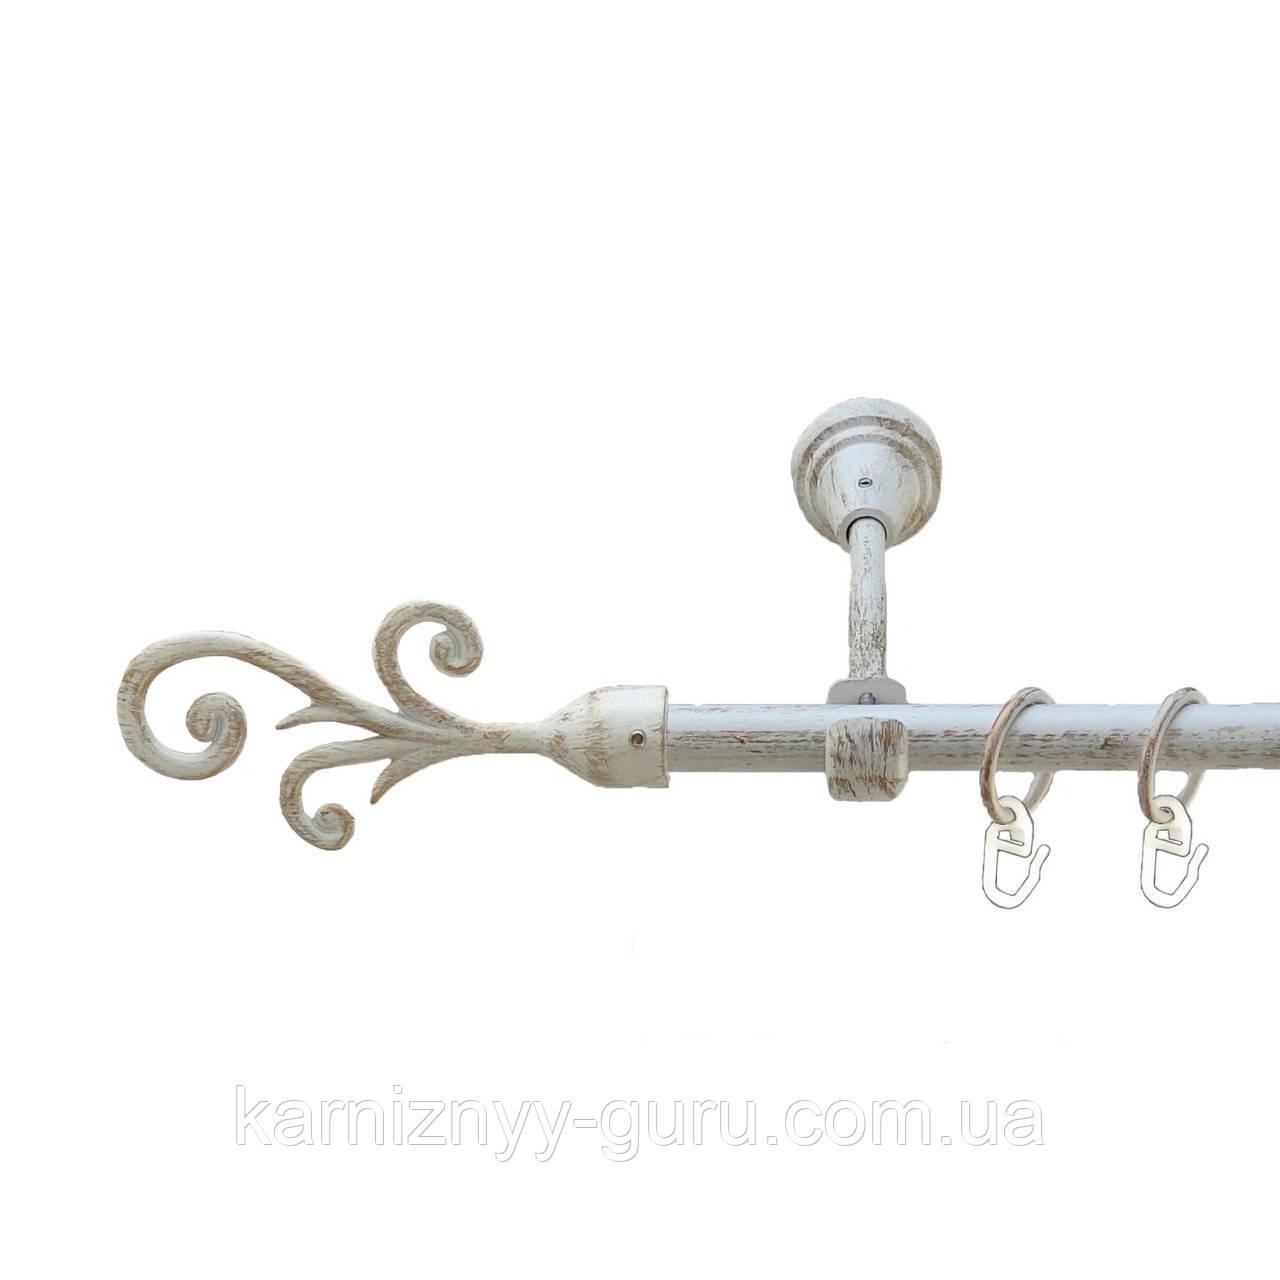 Карниз для штор ø 16 мм, одинарный, наконечник Фала